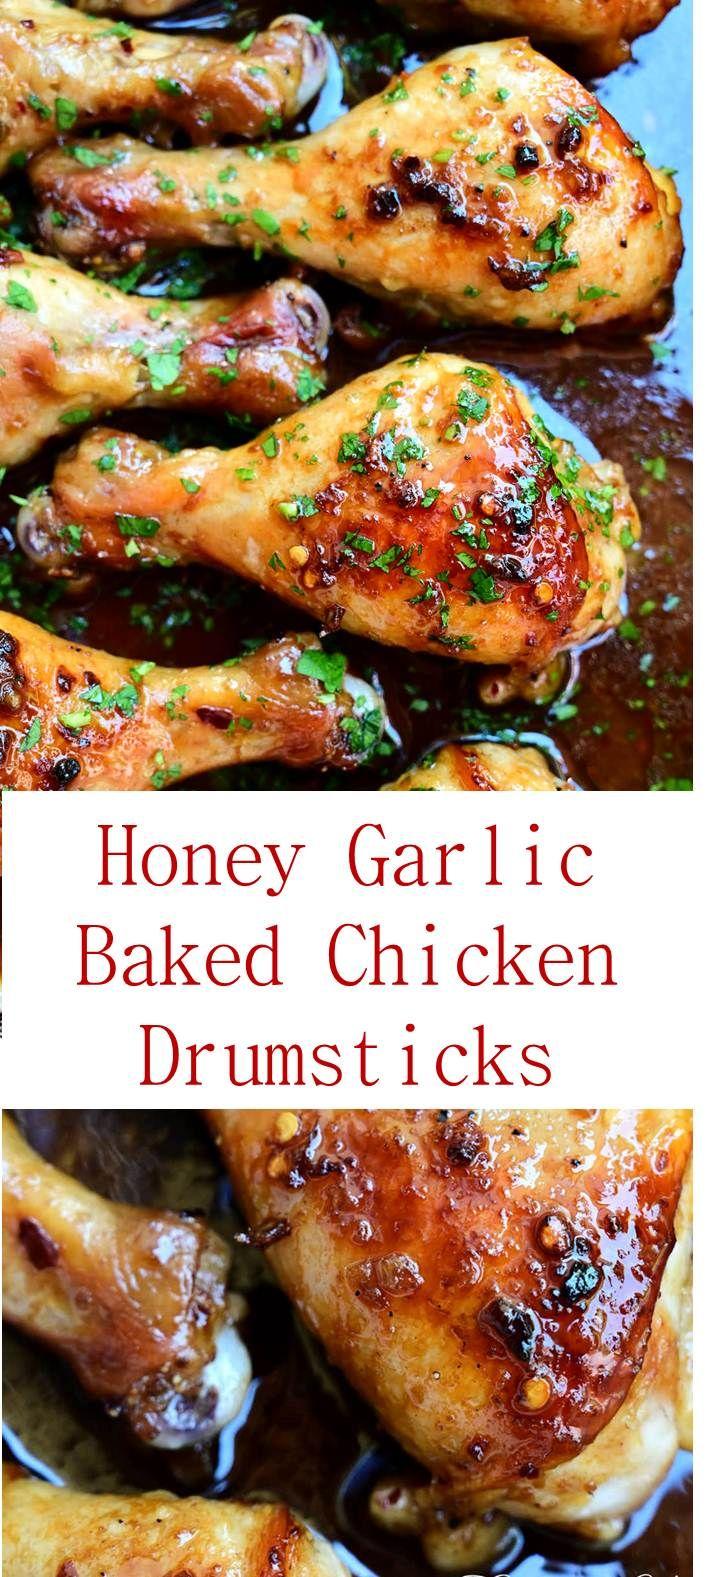 Honey Garlic Baked Chicken Drumsticks Recipe Bakedchicken Bakedchickendrumsticks Chicken Drumstick Recipes Garlic Chicken Recipes Baked Chicken Drumsticks